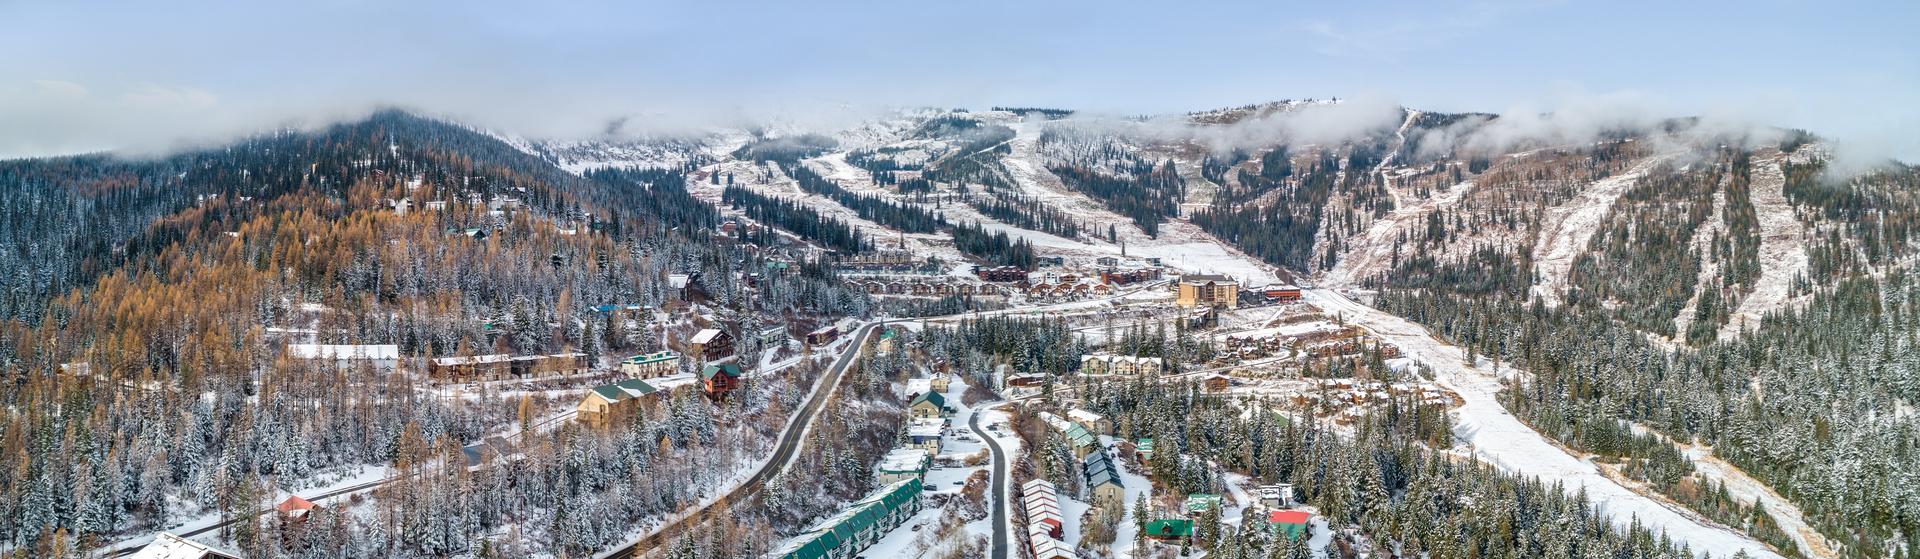 Schweitzer Aerial Winter